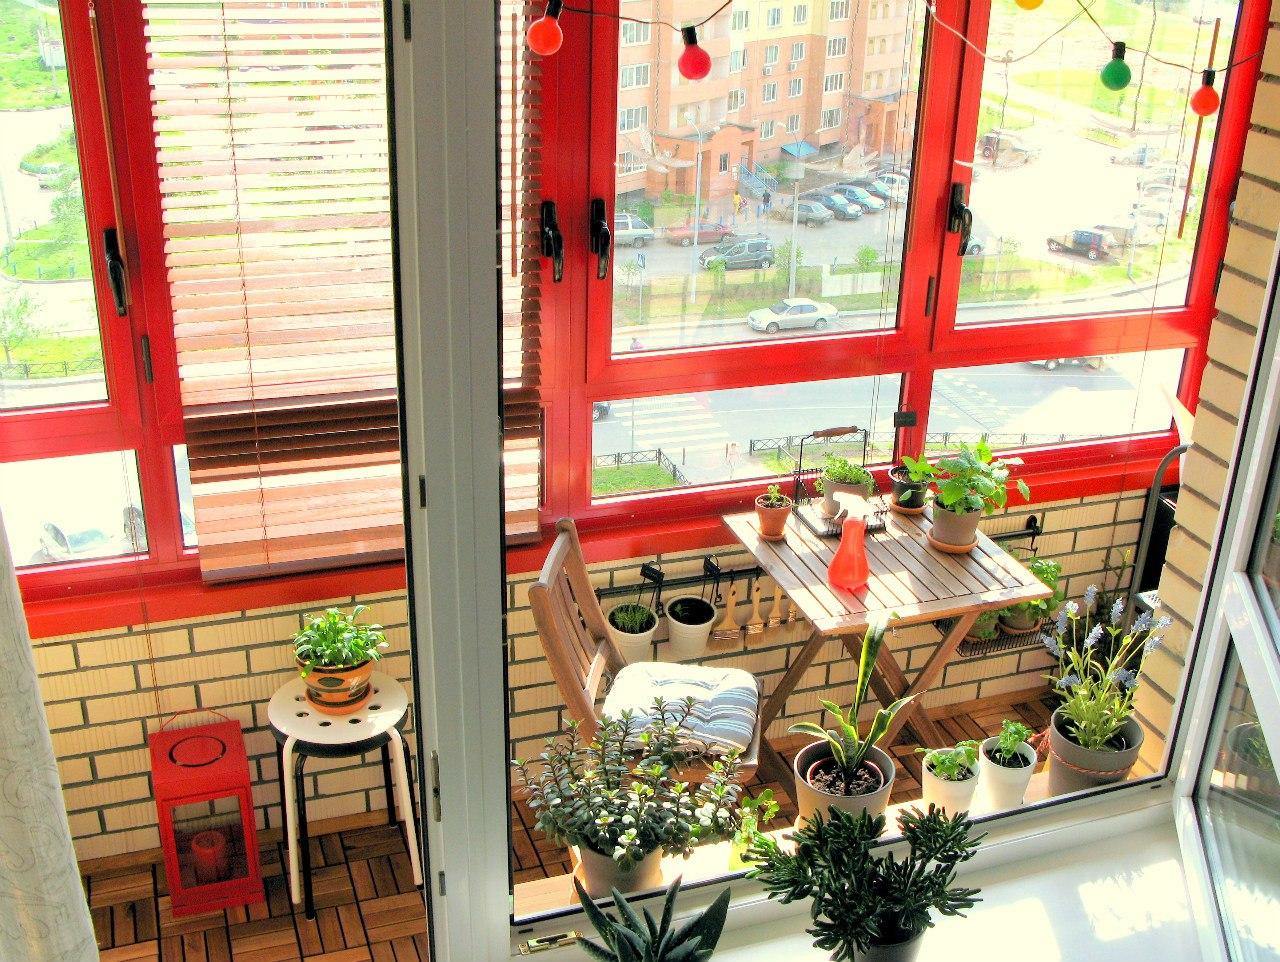 Идеи по обустройству балкона / разное / все для дома / pinme.